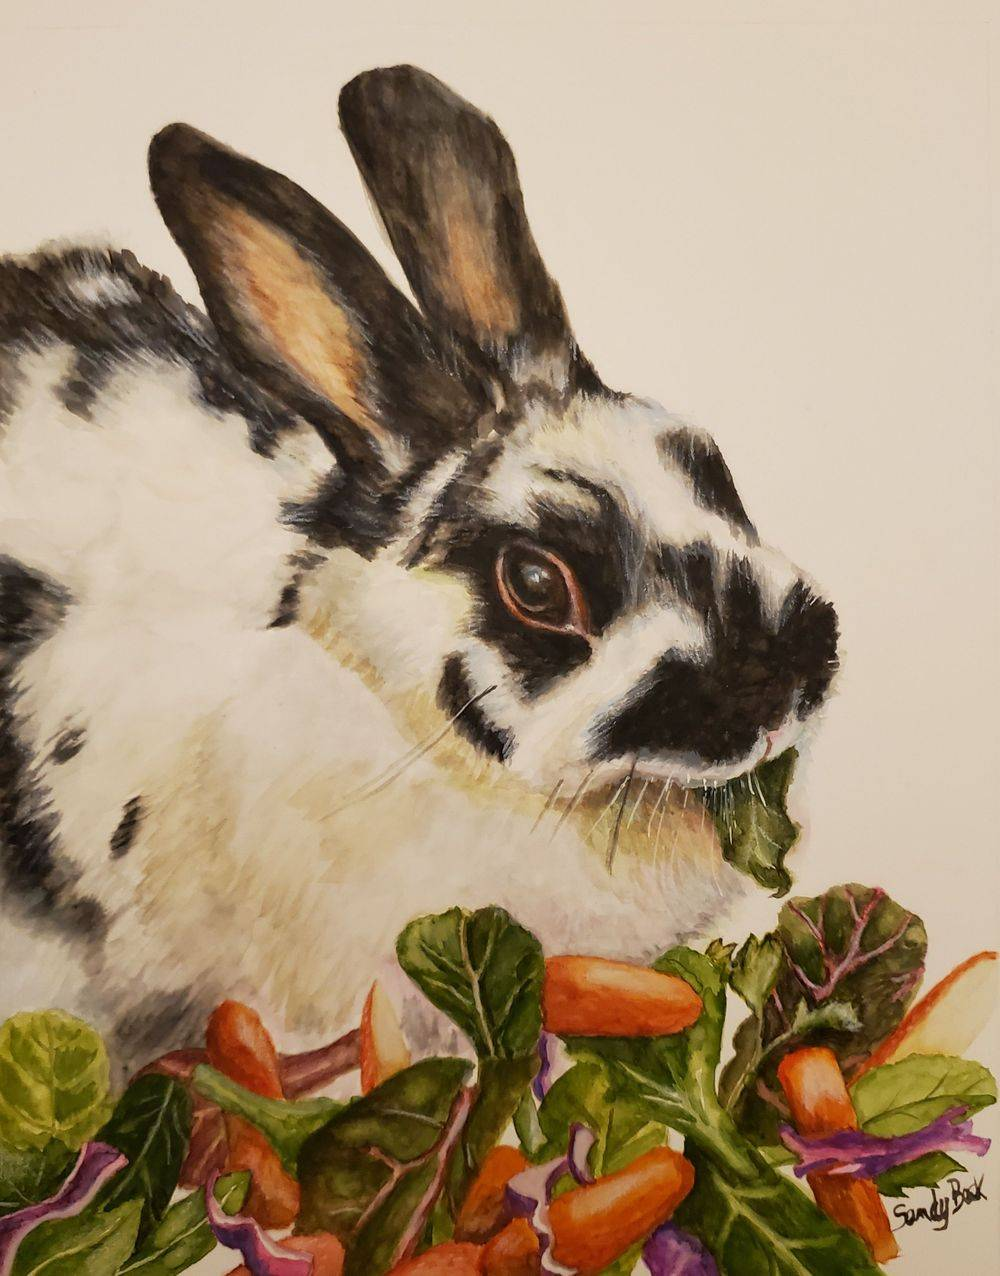 sandy bock, pet portrait, polish rabbit, portrait artist, portrait art, buny, portrait illustration, custom portrait painting